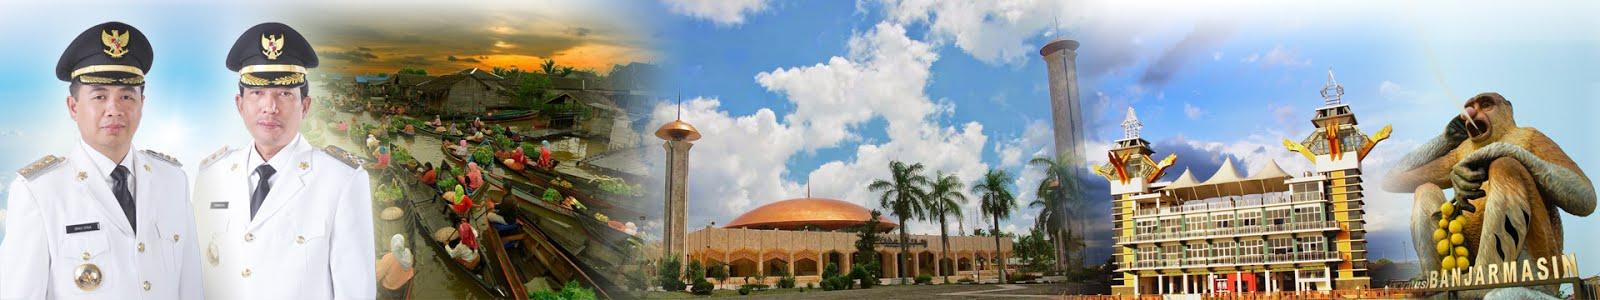 Bagian Organisasi Sekretariat Daerah Kota Banjarmasin